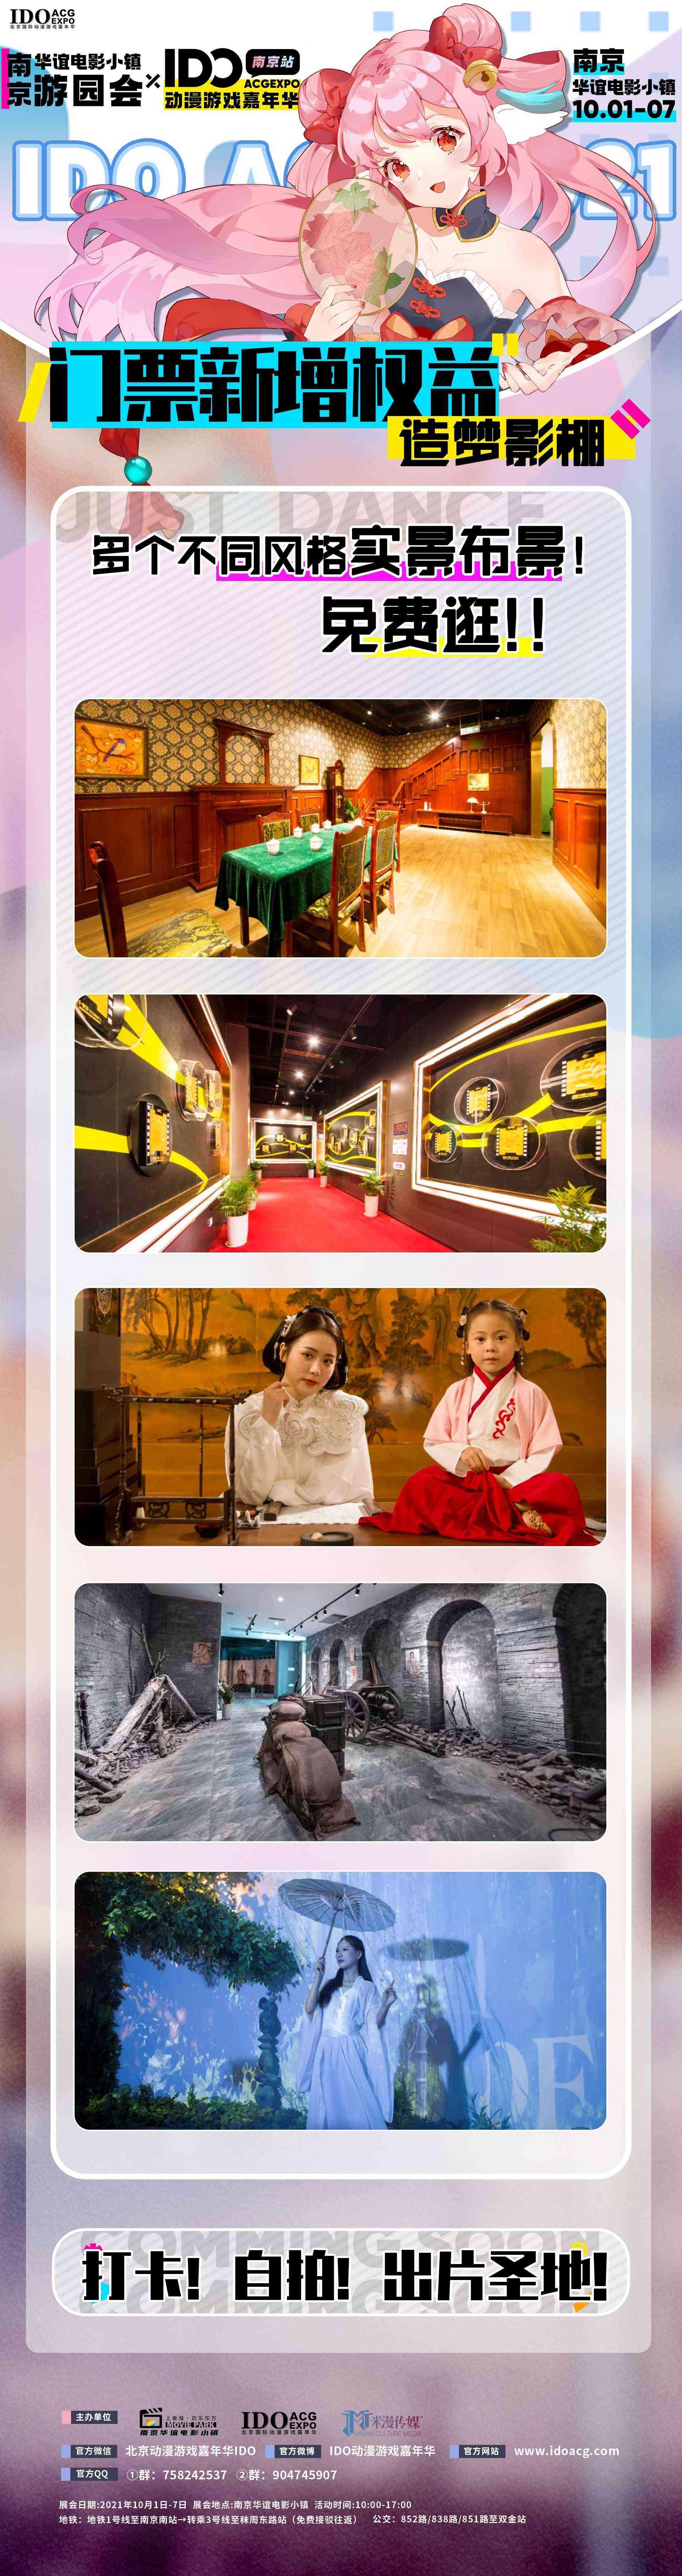 漫展情报 | 「IDO南京站」特邀重磅嘉宾全公开!最全游玩攻略参上